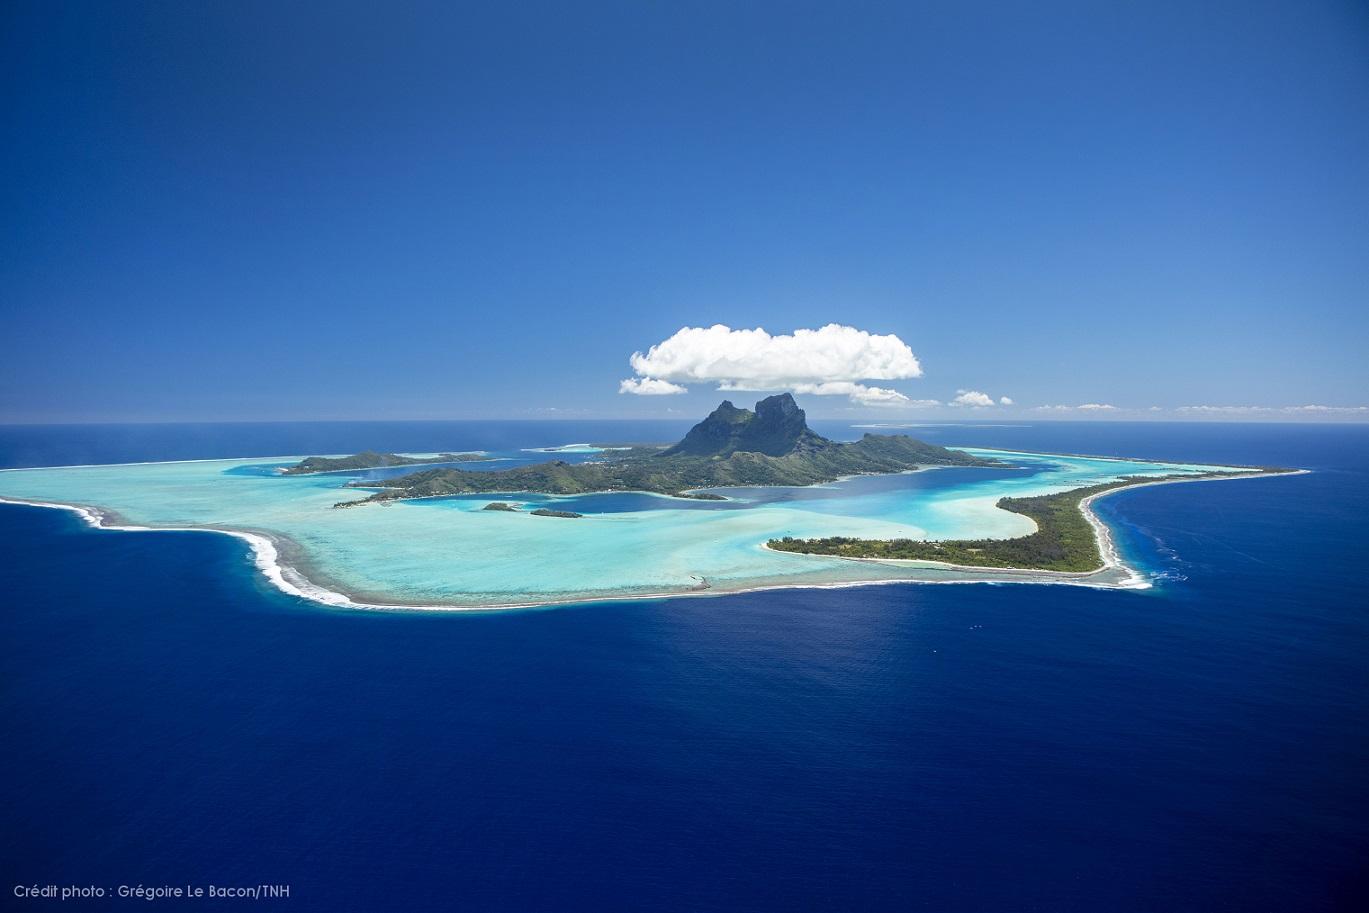 Bora Bora © Grégoire Le Bacon Tahiti Nui Helicopters